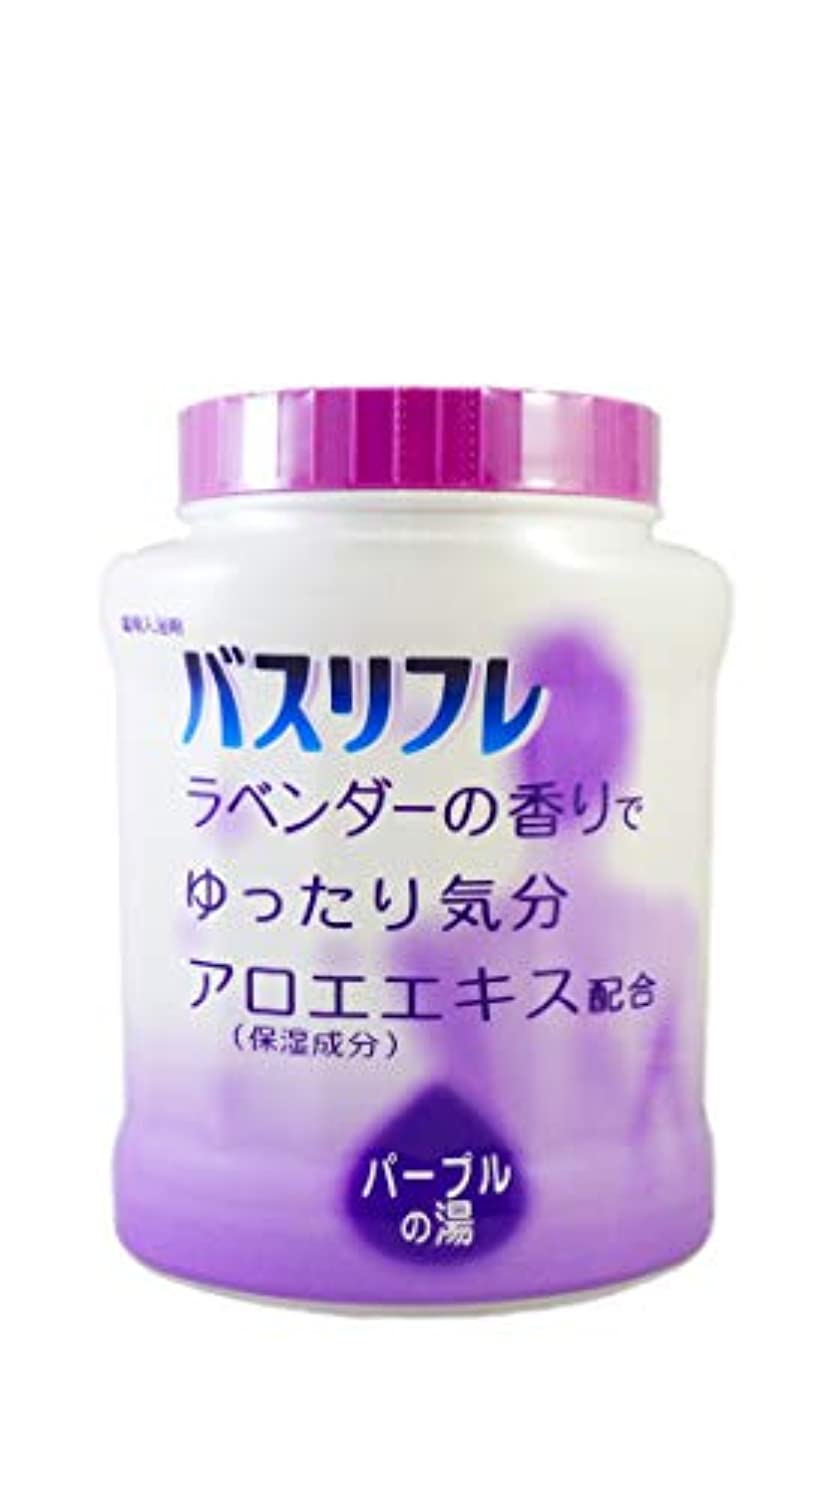 合併症欲望ロープバスリフレ 薬用入浴剤 パープルの湯 ラベンダーの香りでゆったり気分 天然保湿成分配合 医薬部外品 680g